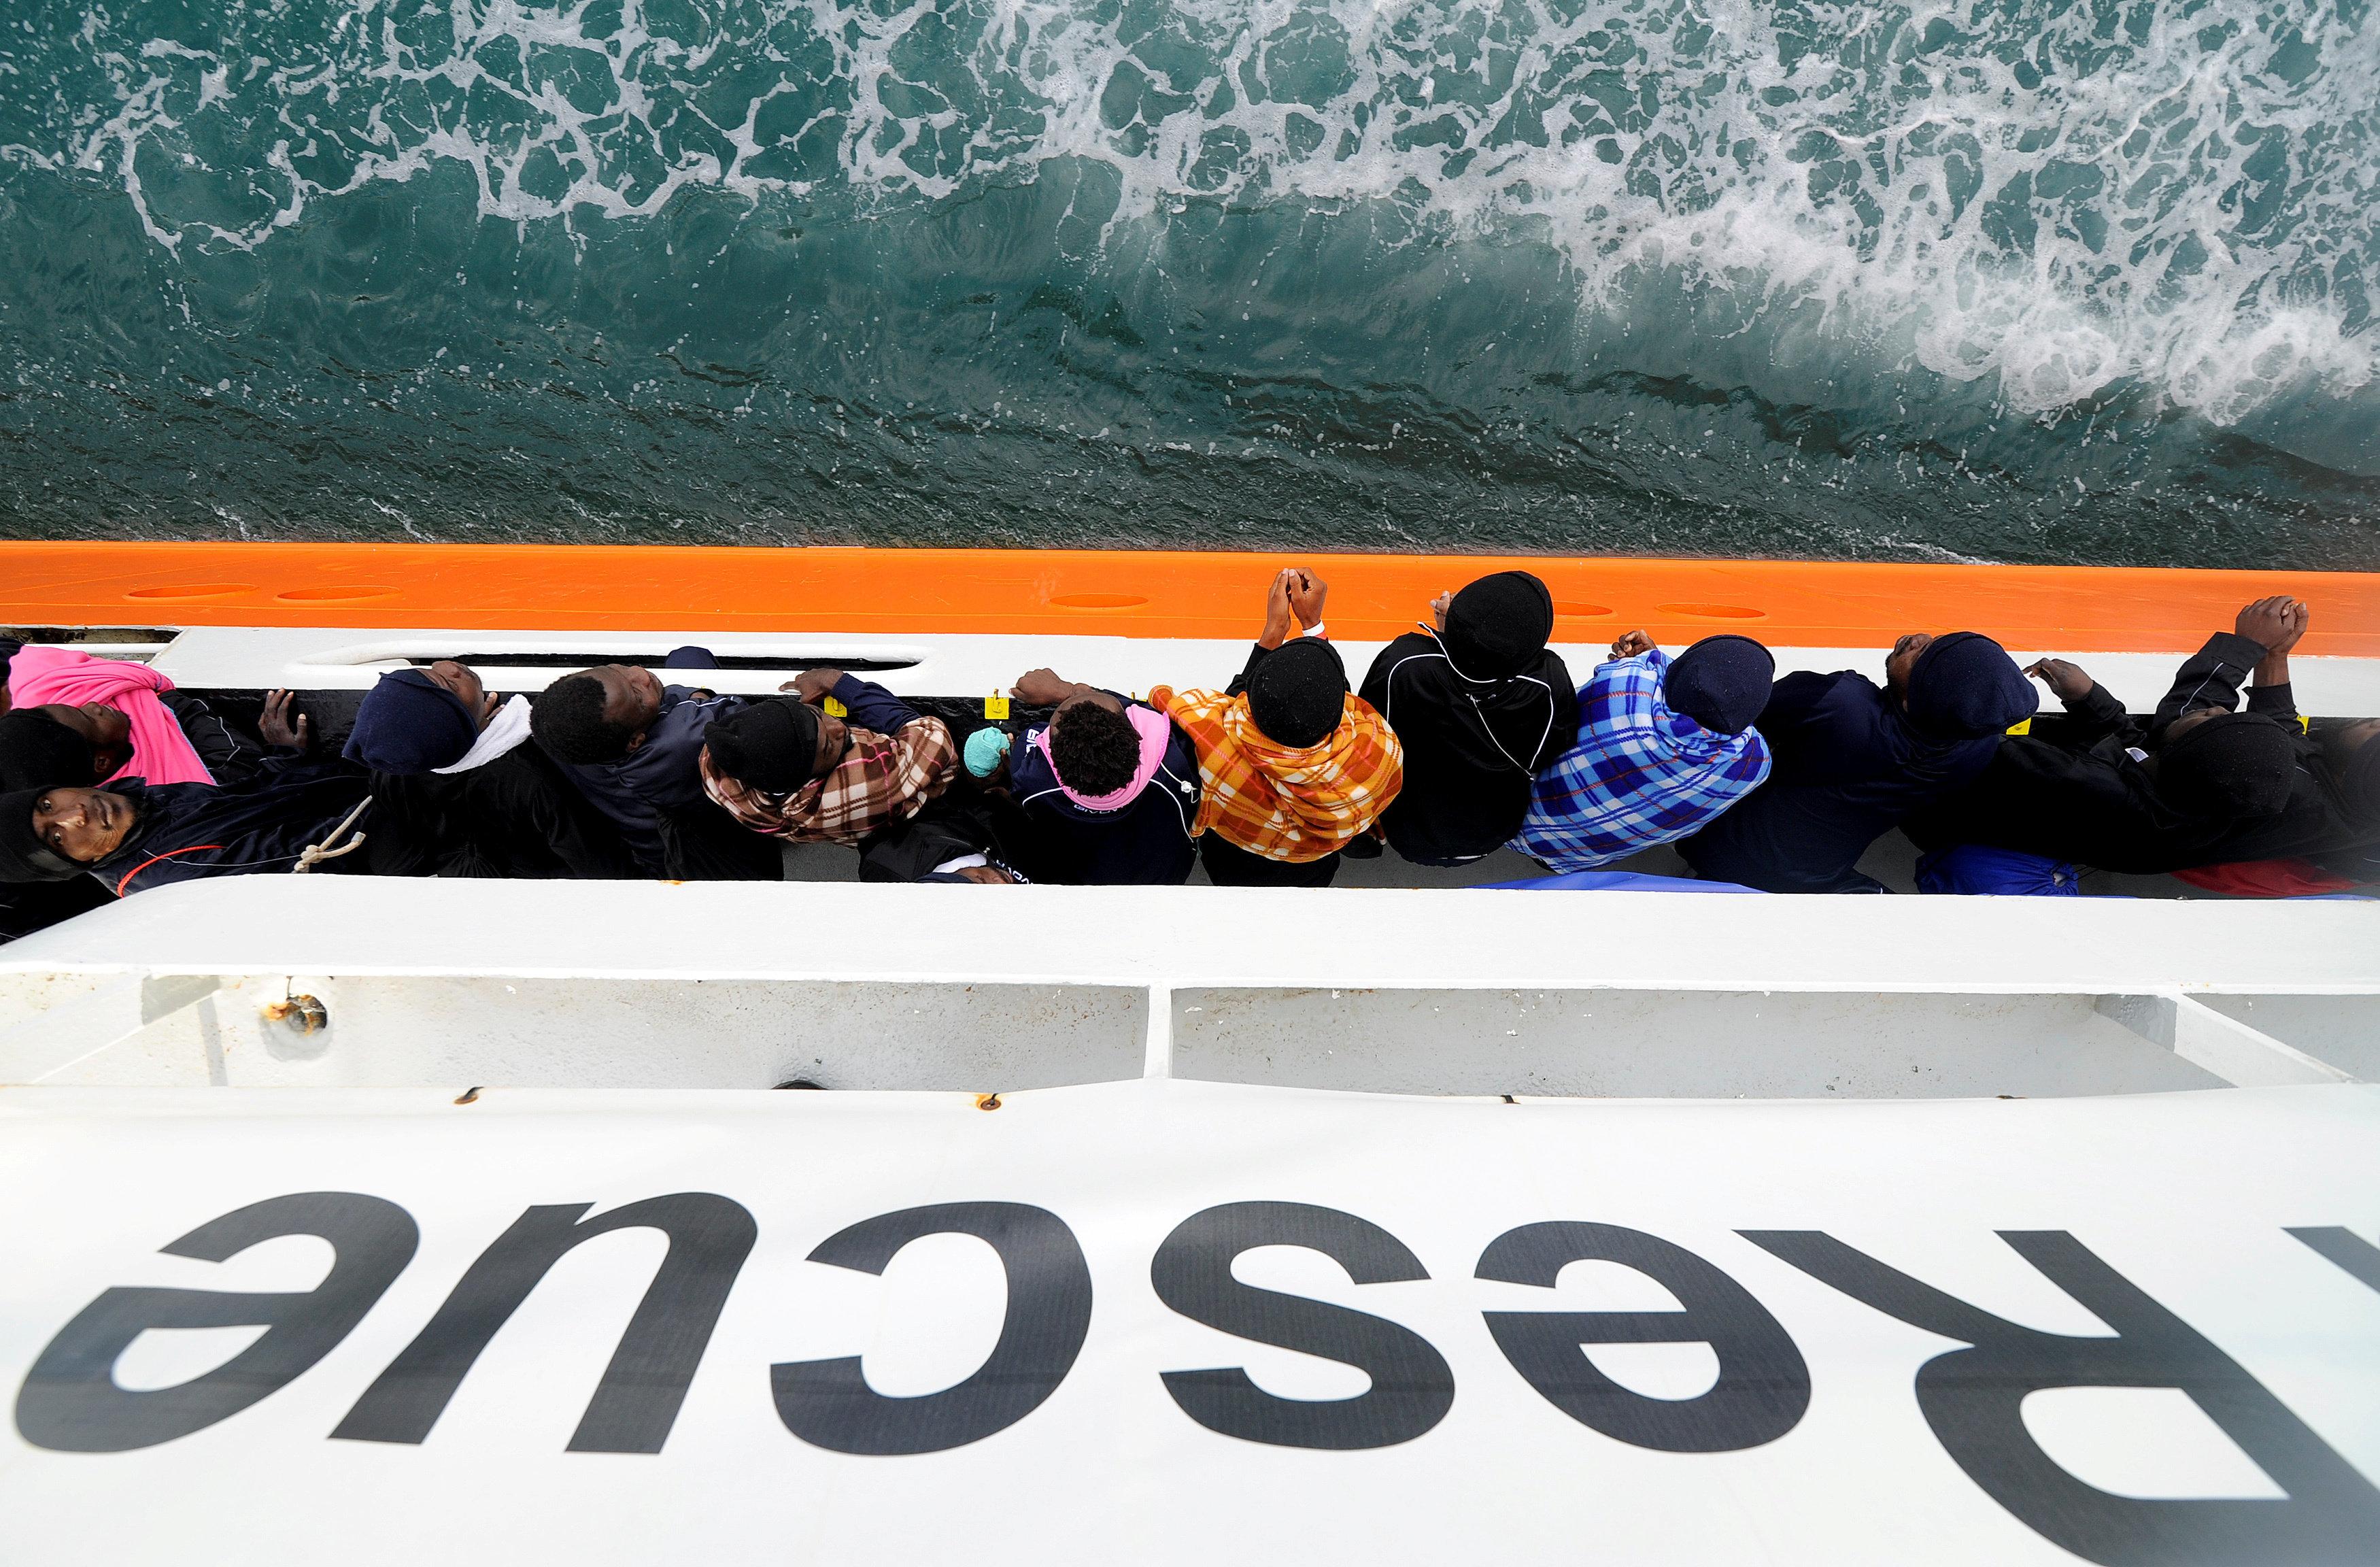 Οι δήμαρχοι του ιταλικού Νότου αψηφούν την κυβέρνηση και ανοίγουν τα λιμάνια τους στους πρόσφυγες